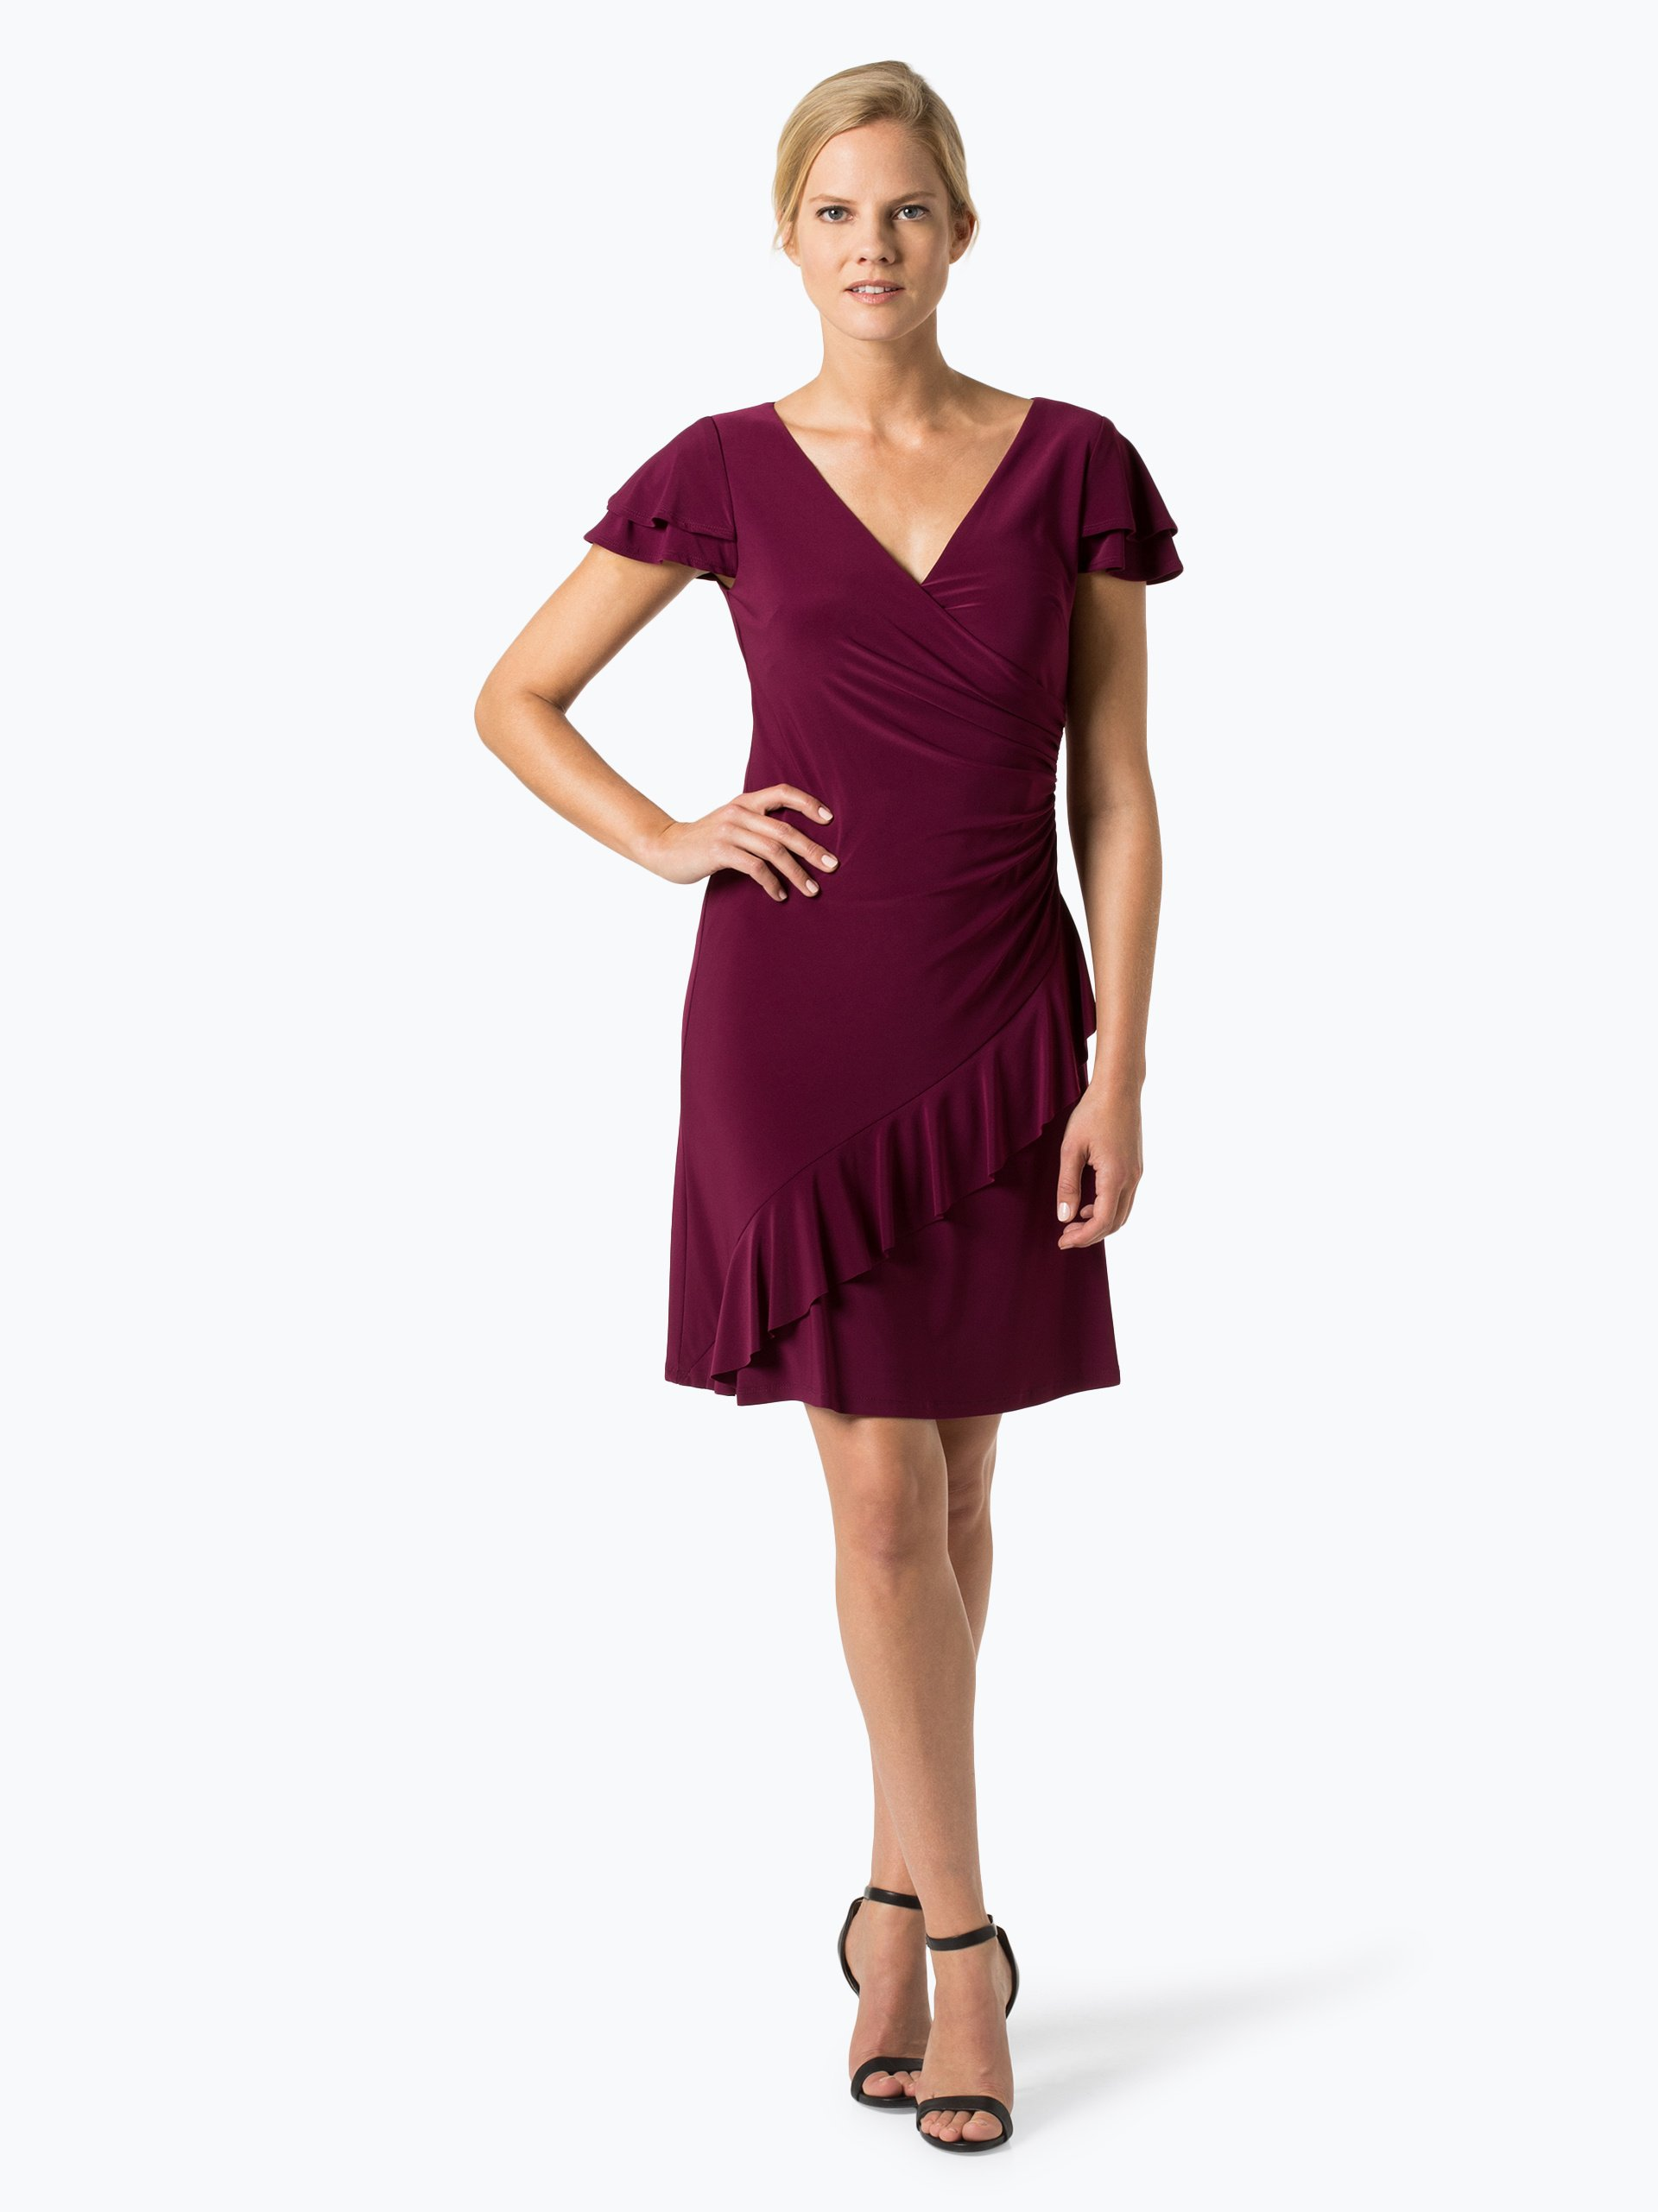 lauren ralph lauren damen kleid bordeaux uni online kaufen vangraaf com. Black Bedroom Furniture Sets. Home Design Ideas